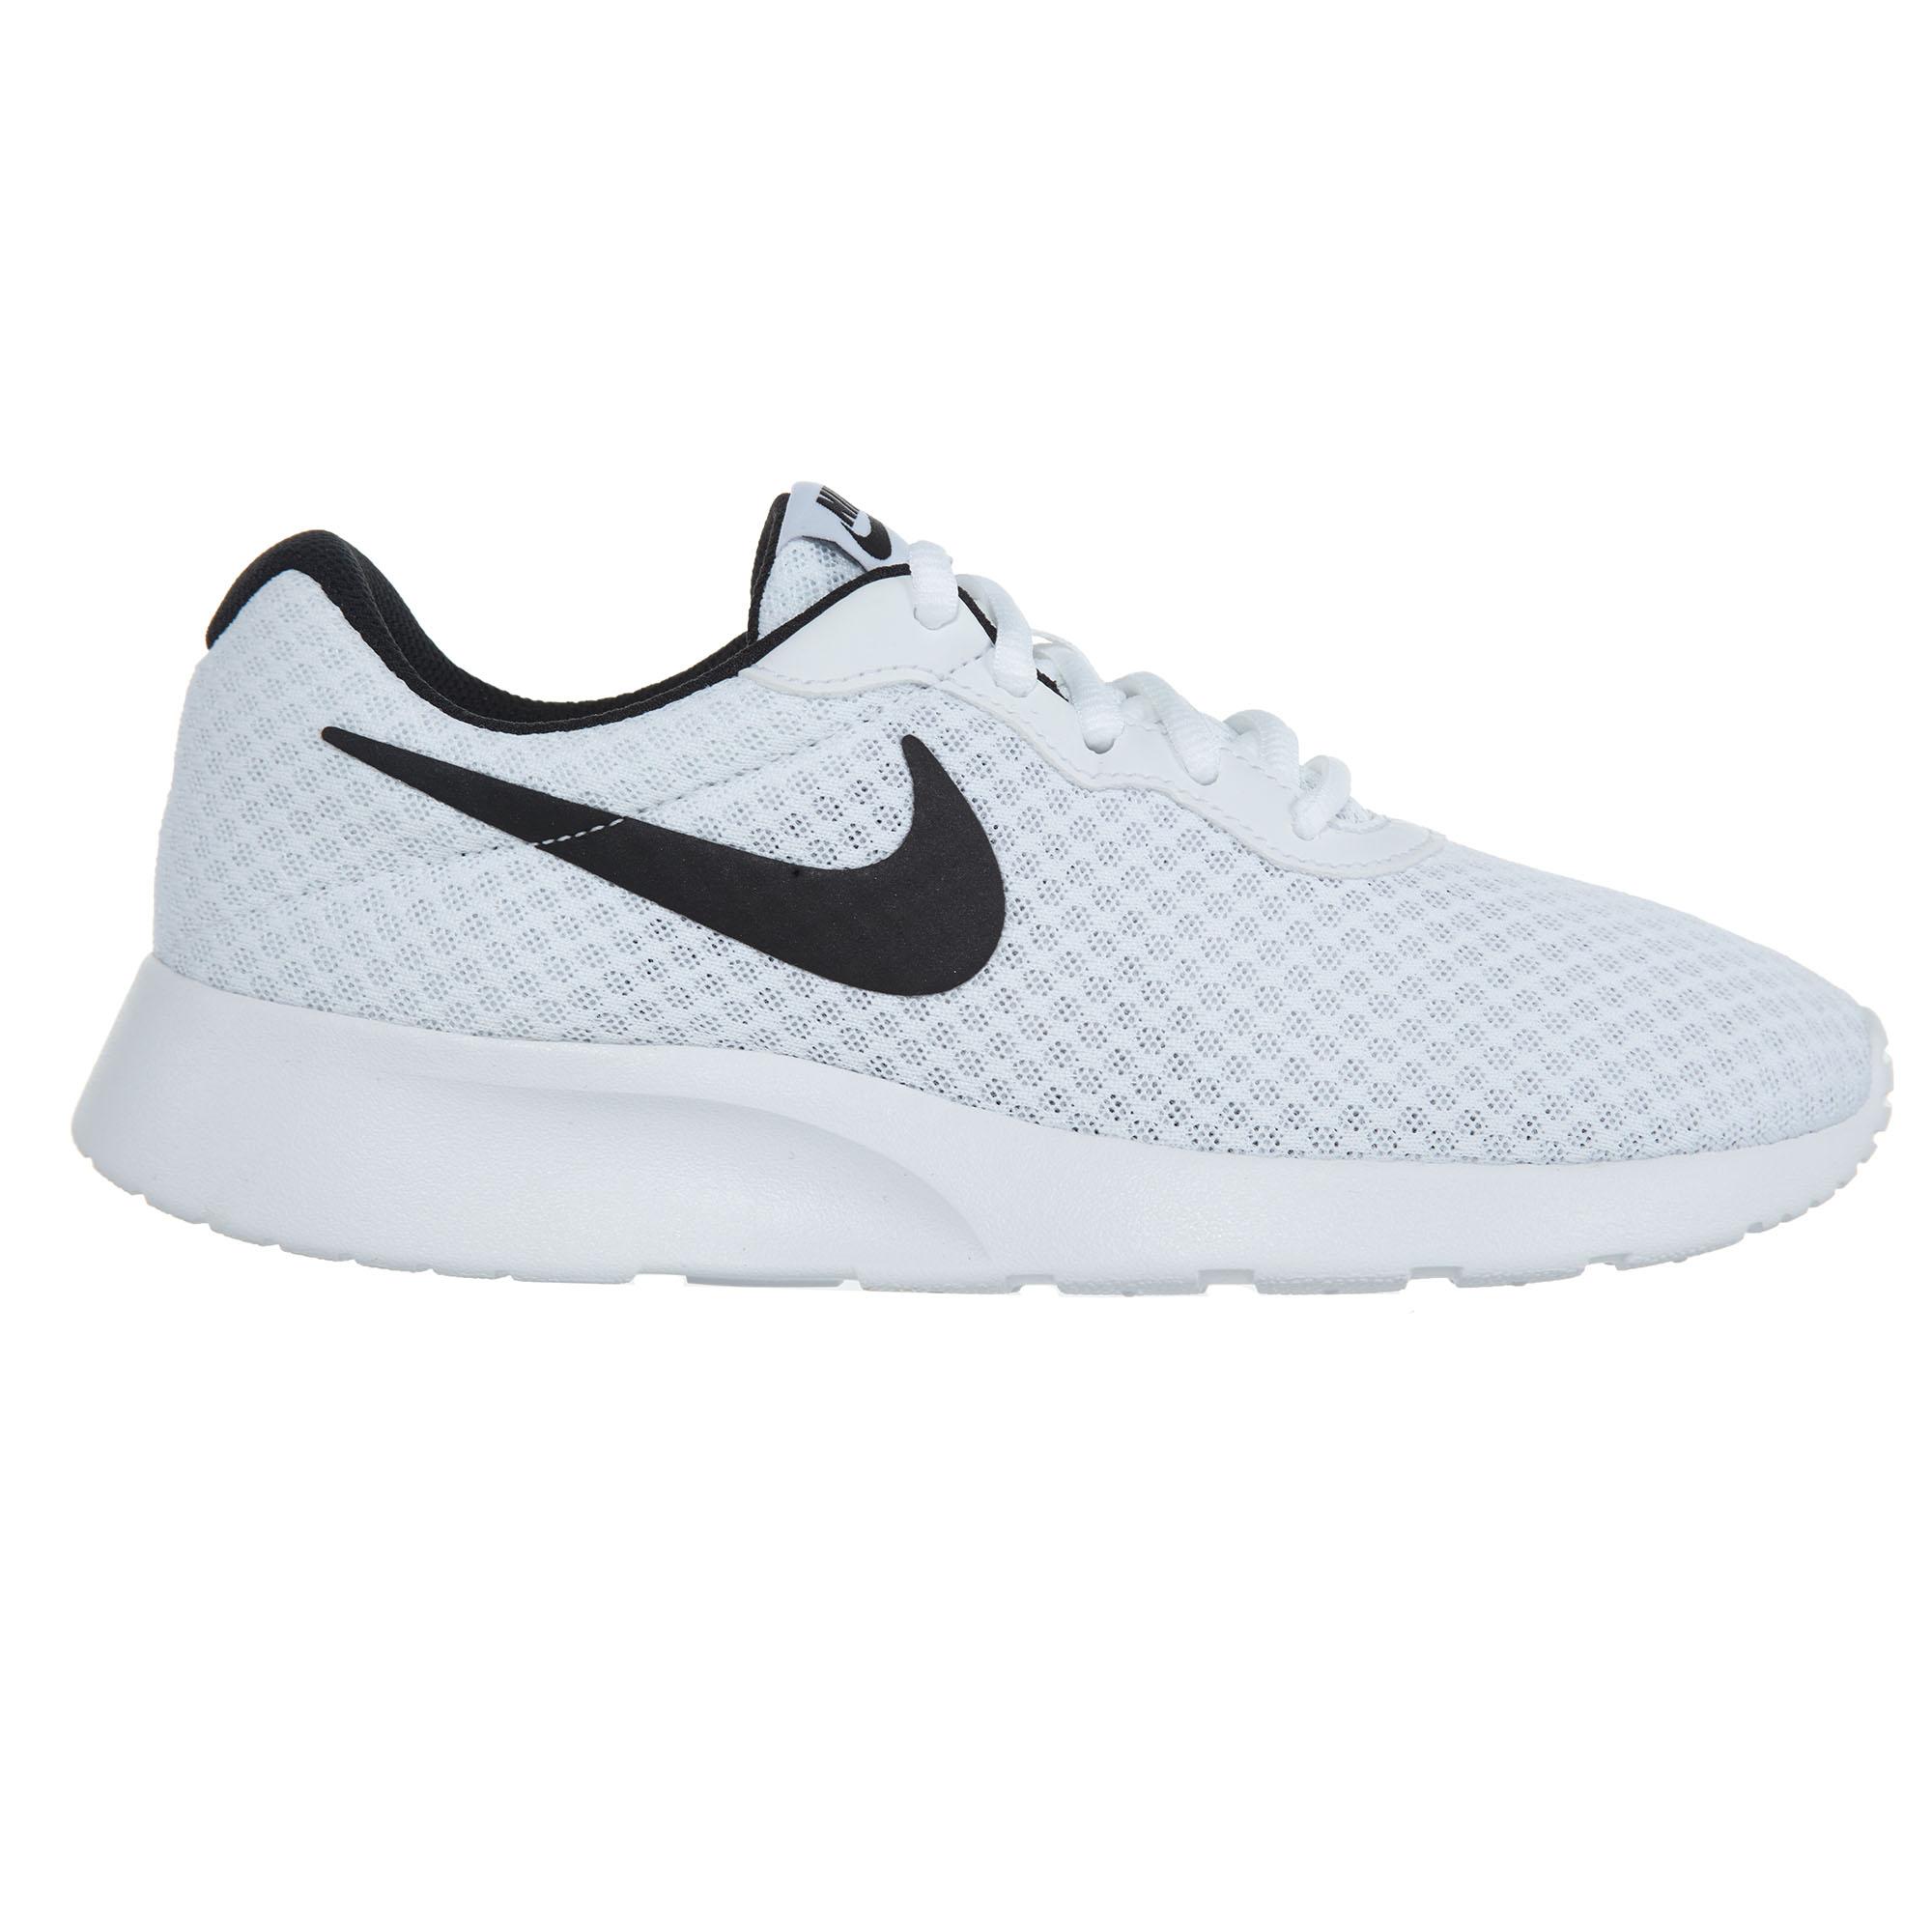 Nike Tanjun White Black (W) - 812655-100